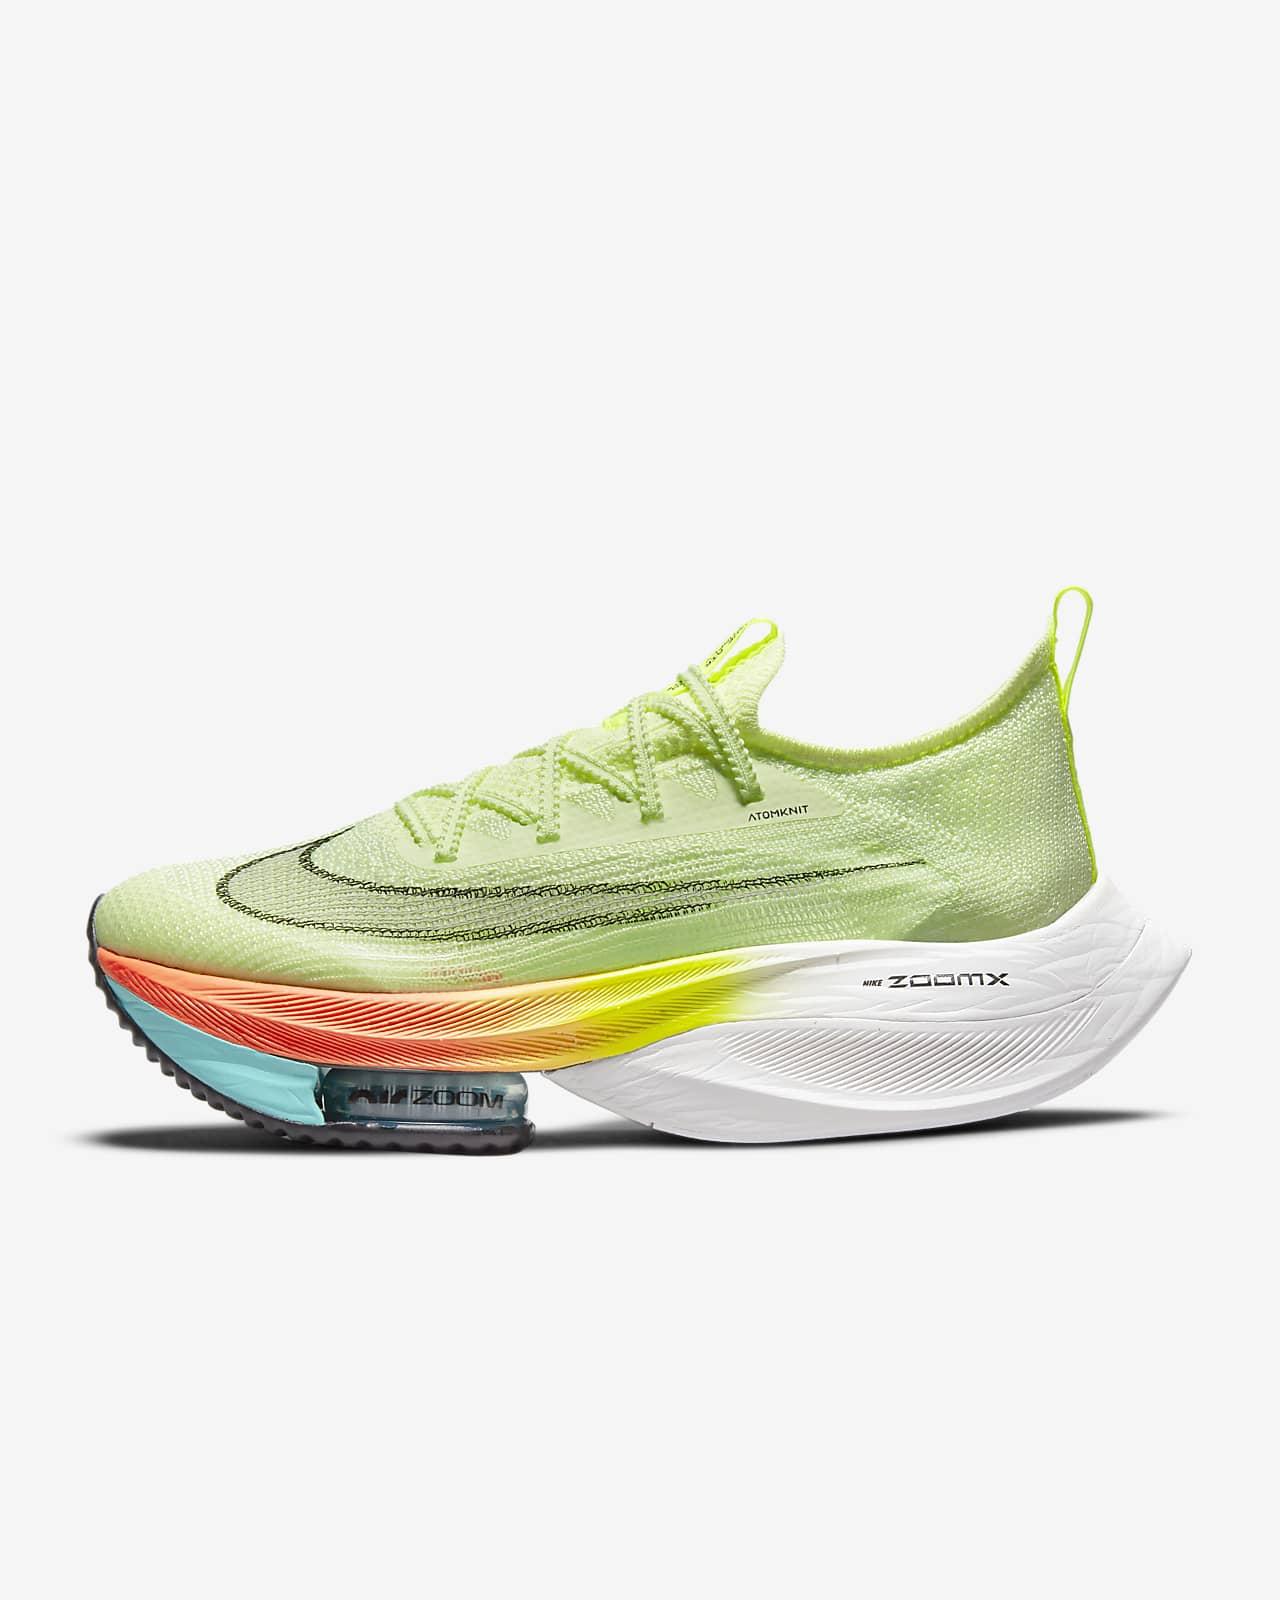 Nike Air Zoom Alphafly NEXT% 女款路跑競速鞋